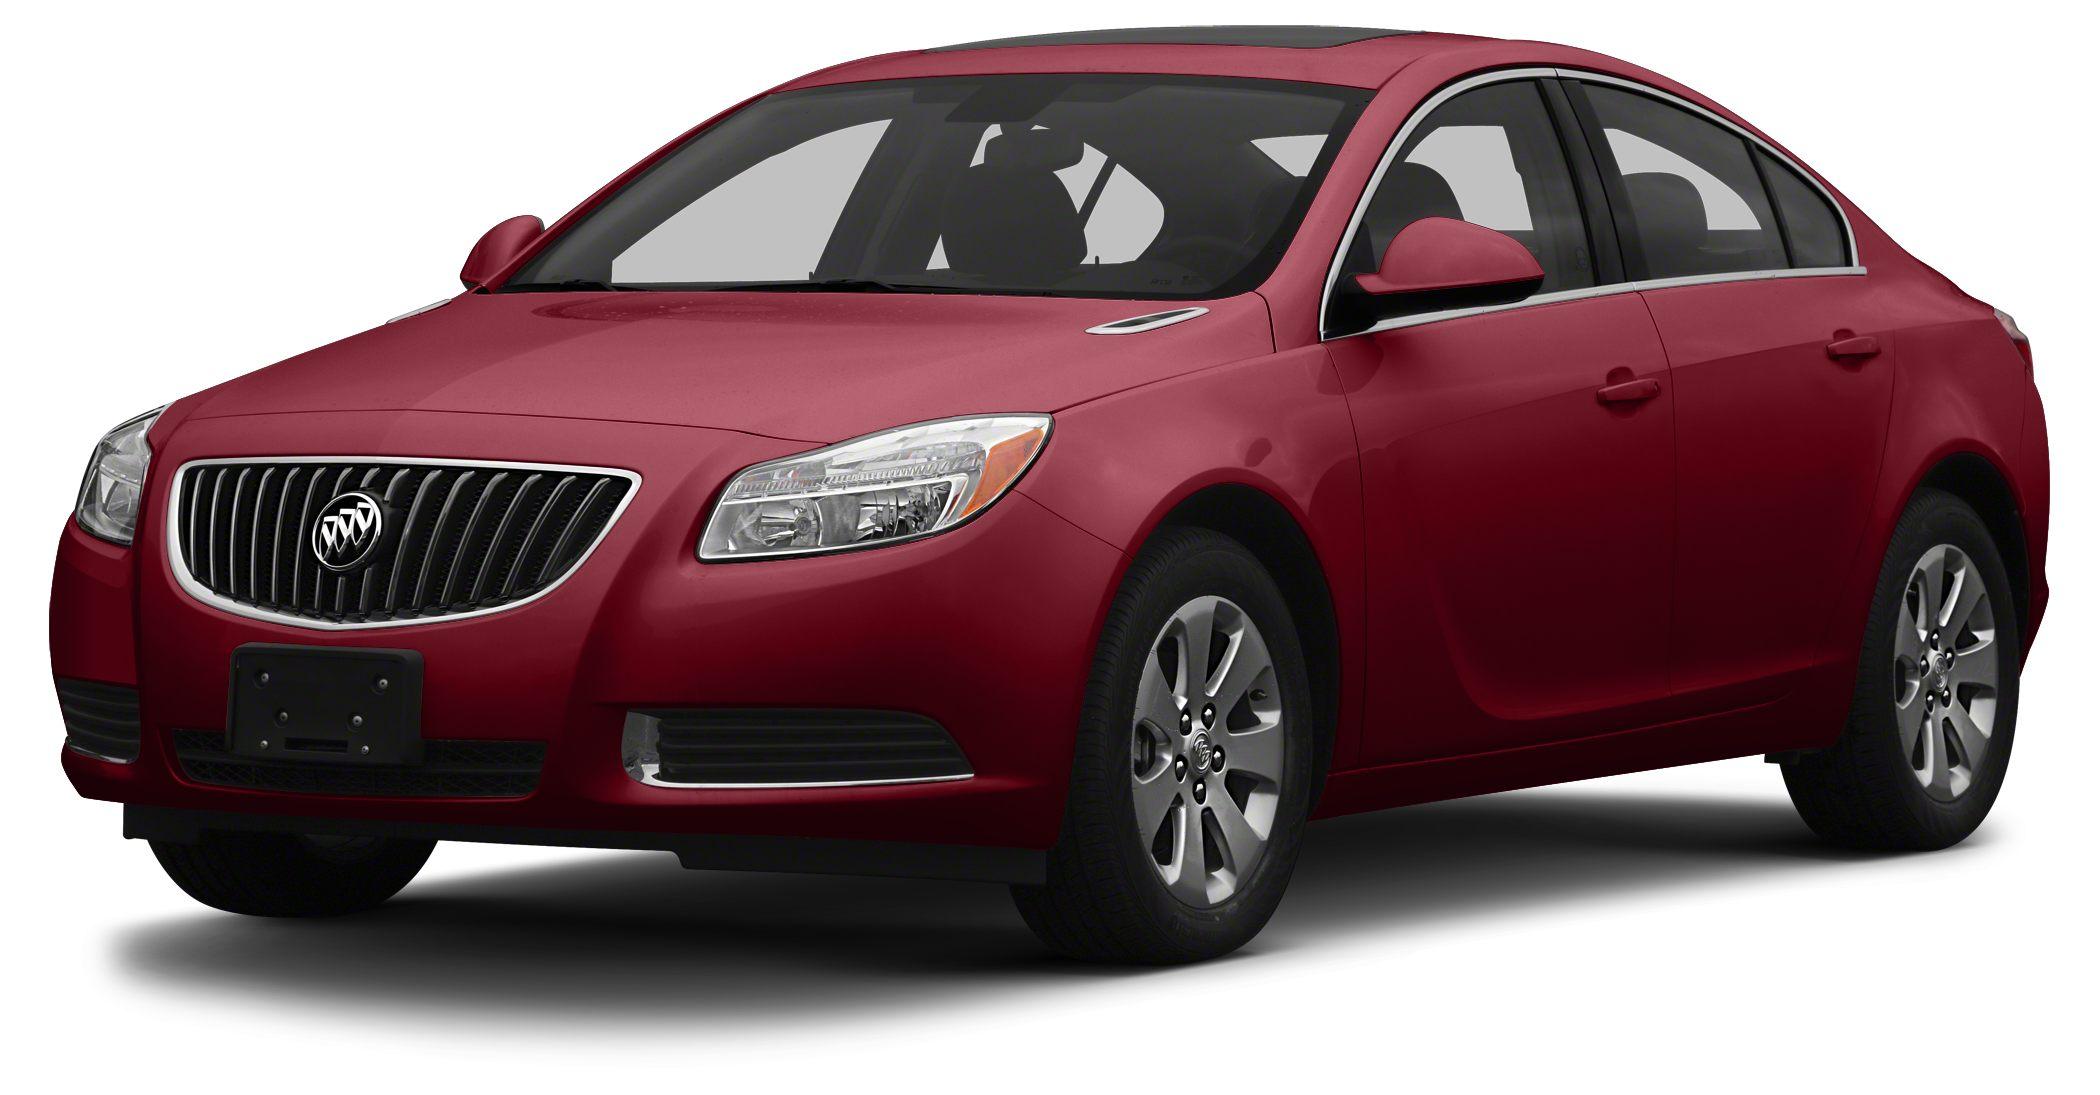 2013 Buick Regal Turbo - Premium 1 ONLY 50563 Miles Turbo Premium 1 trim FUEL EFFICIENT 29 MPG